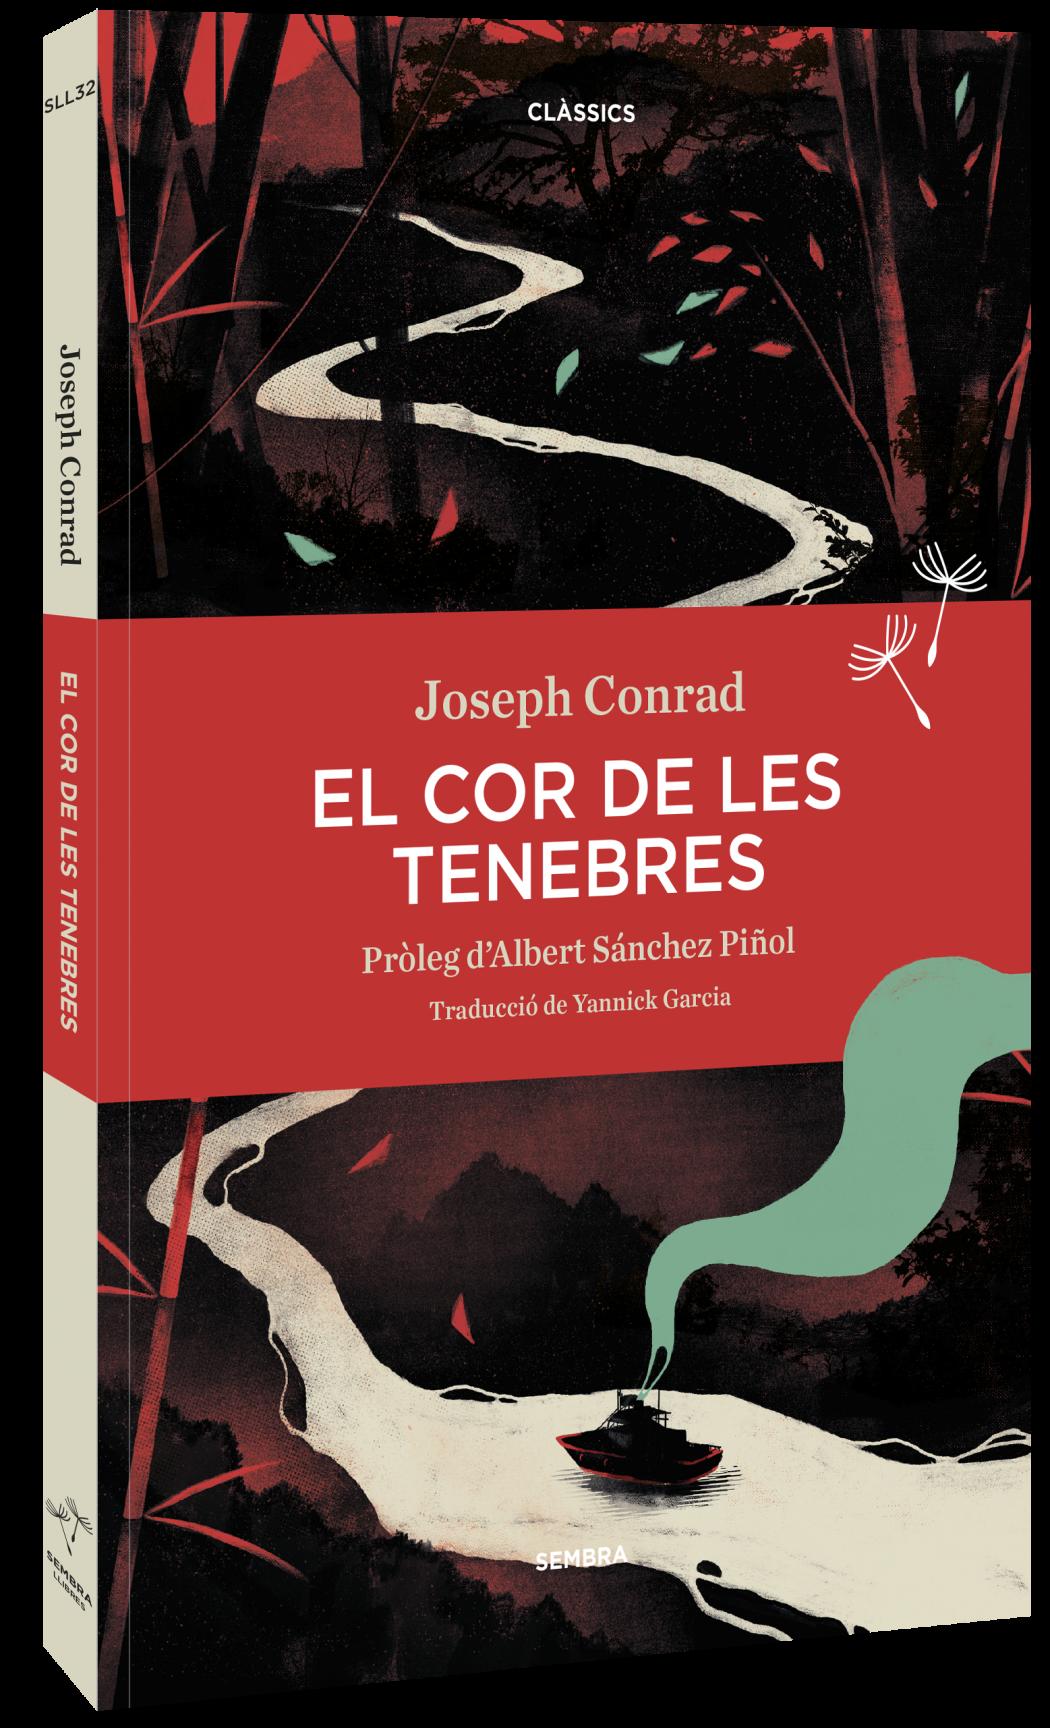 Un dels grans clàssics de la literatura universal prologat per Albert Sánchez Piñol i traduït per Yannick Garcia.